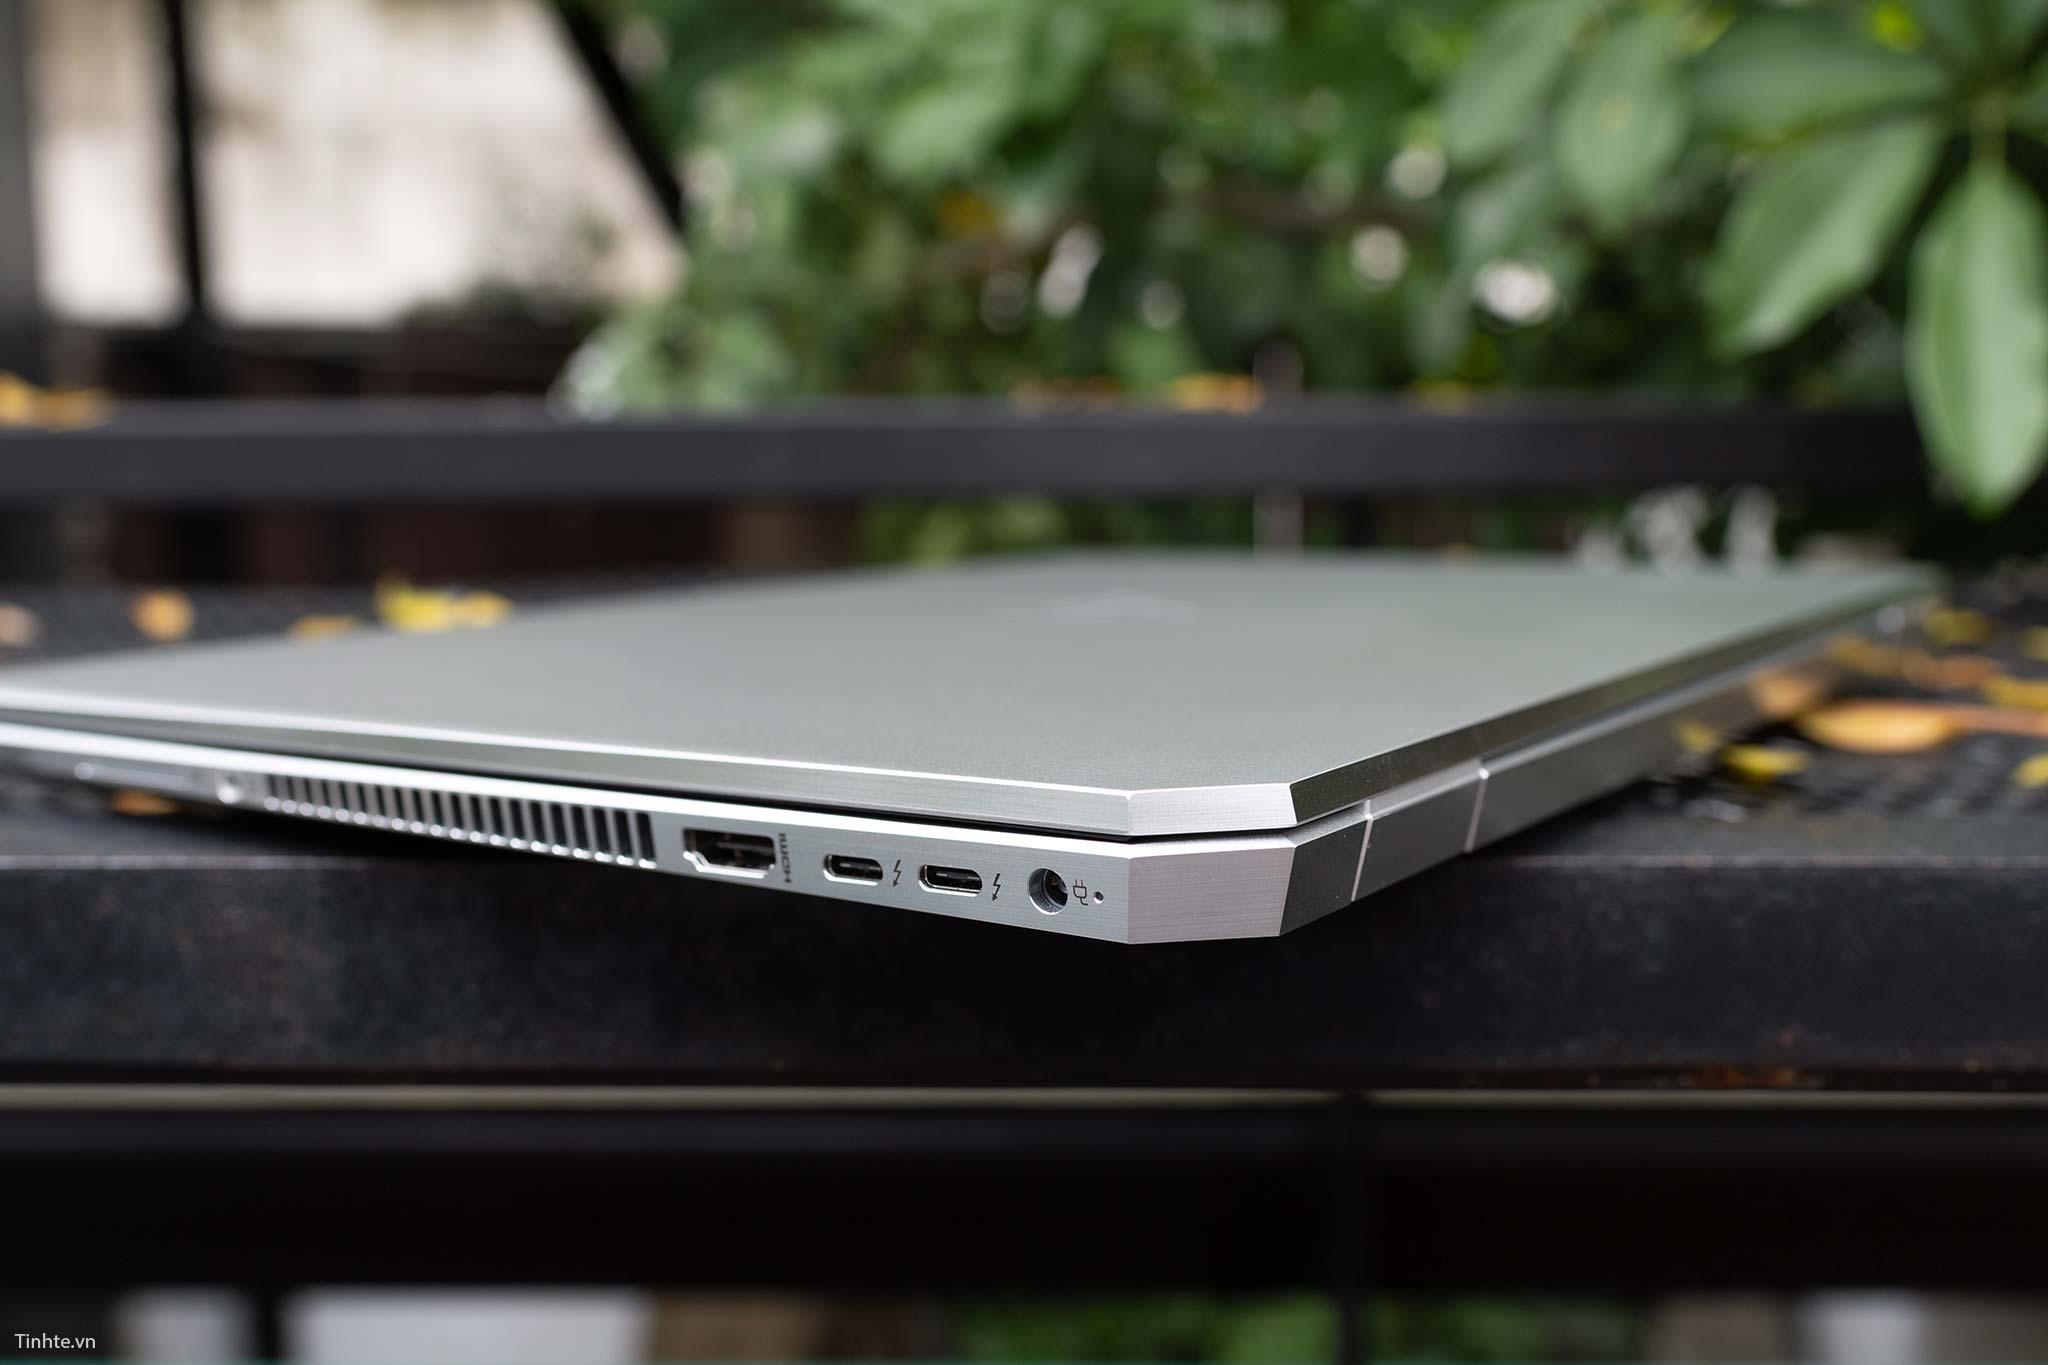 HP Elitebook 1050 G1 (10).jpg